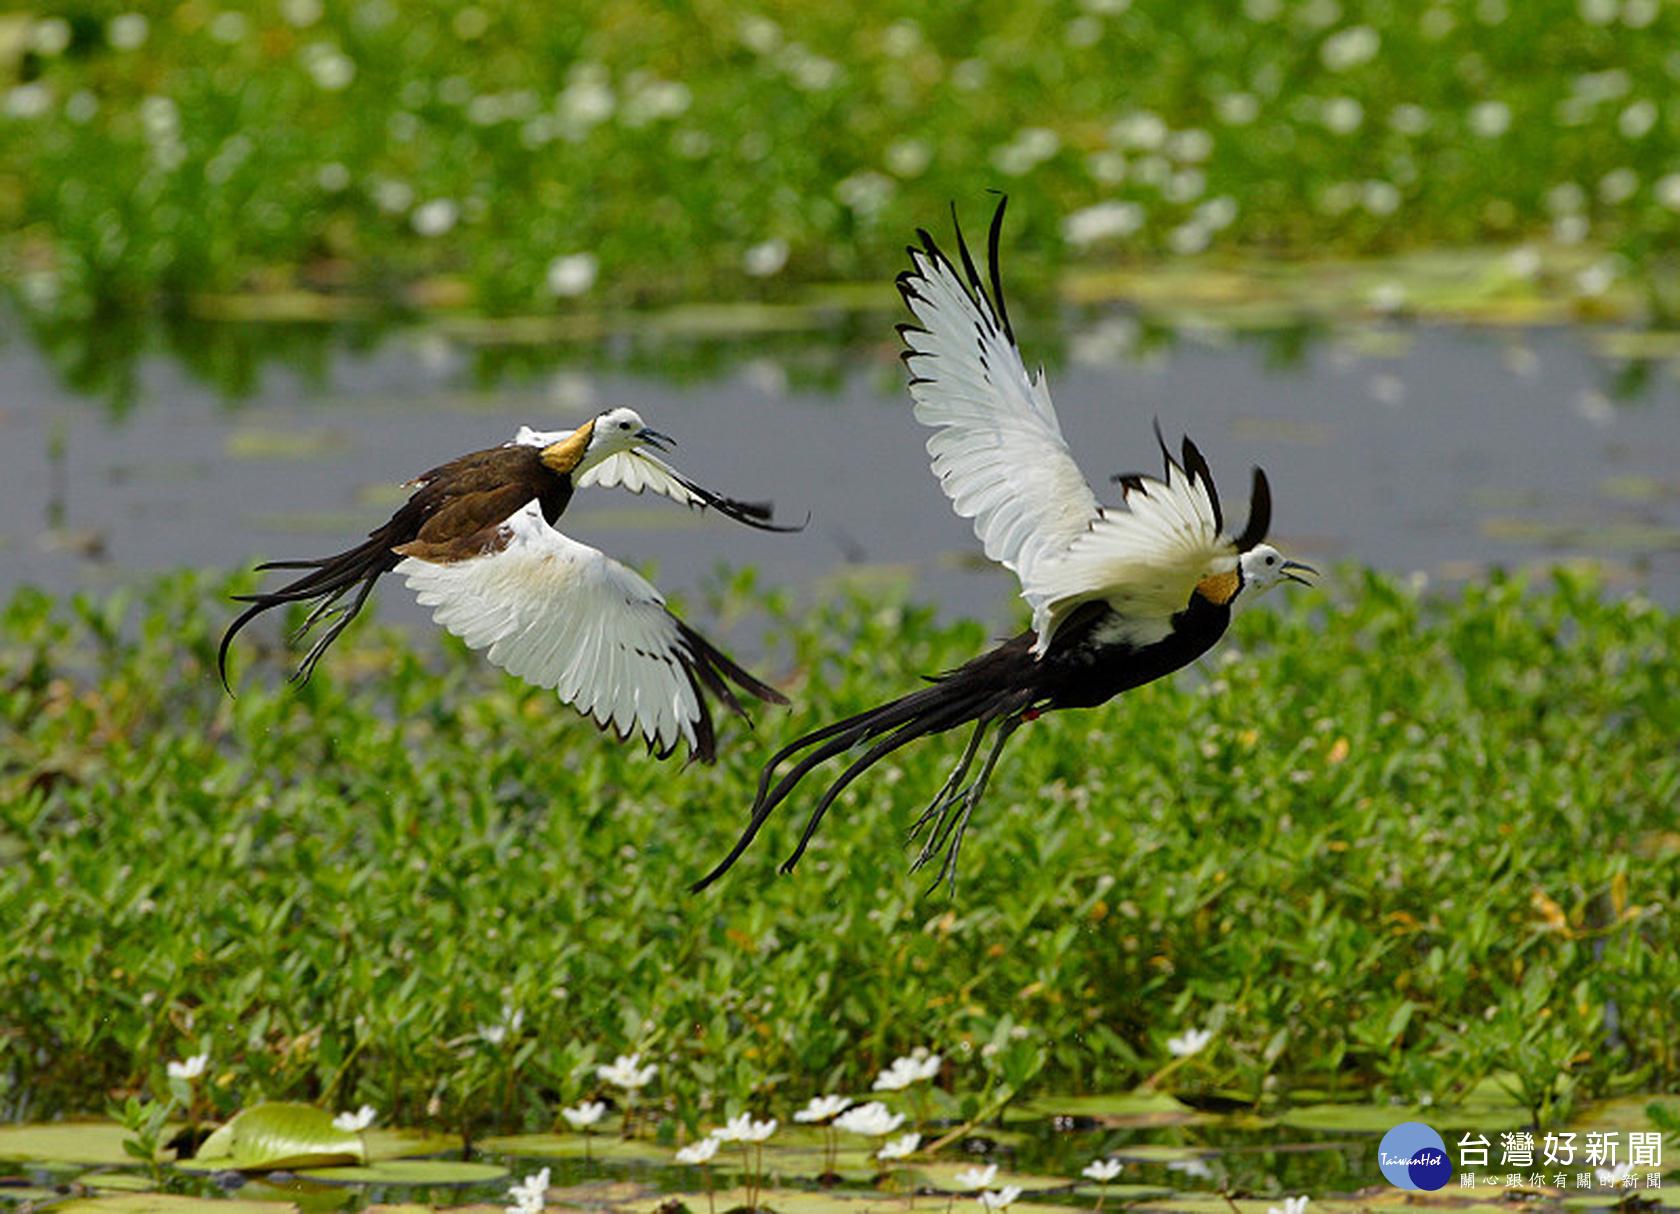 友善耕種護棲地 台南水雉數量較去年成長20%